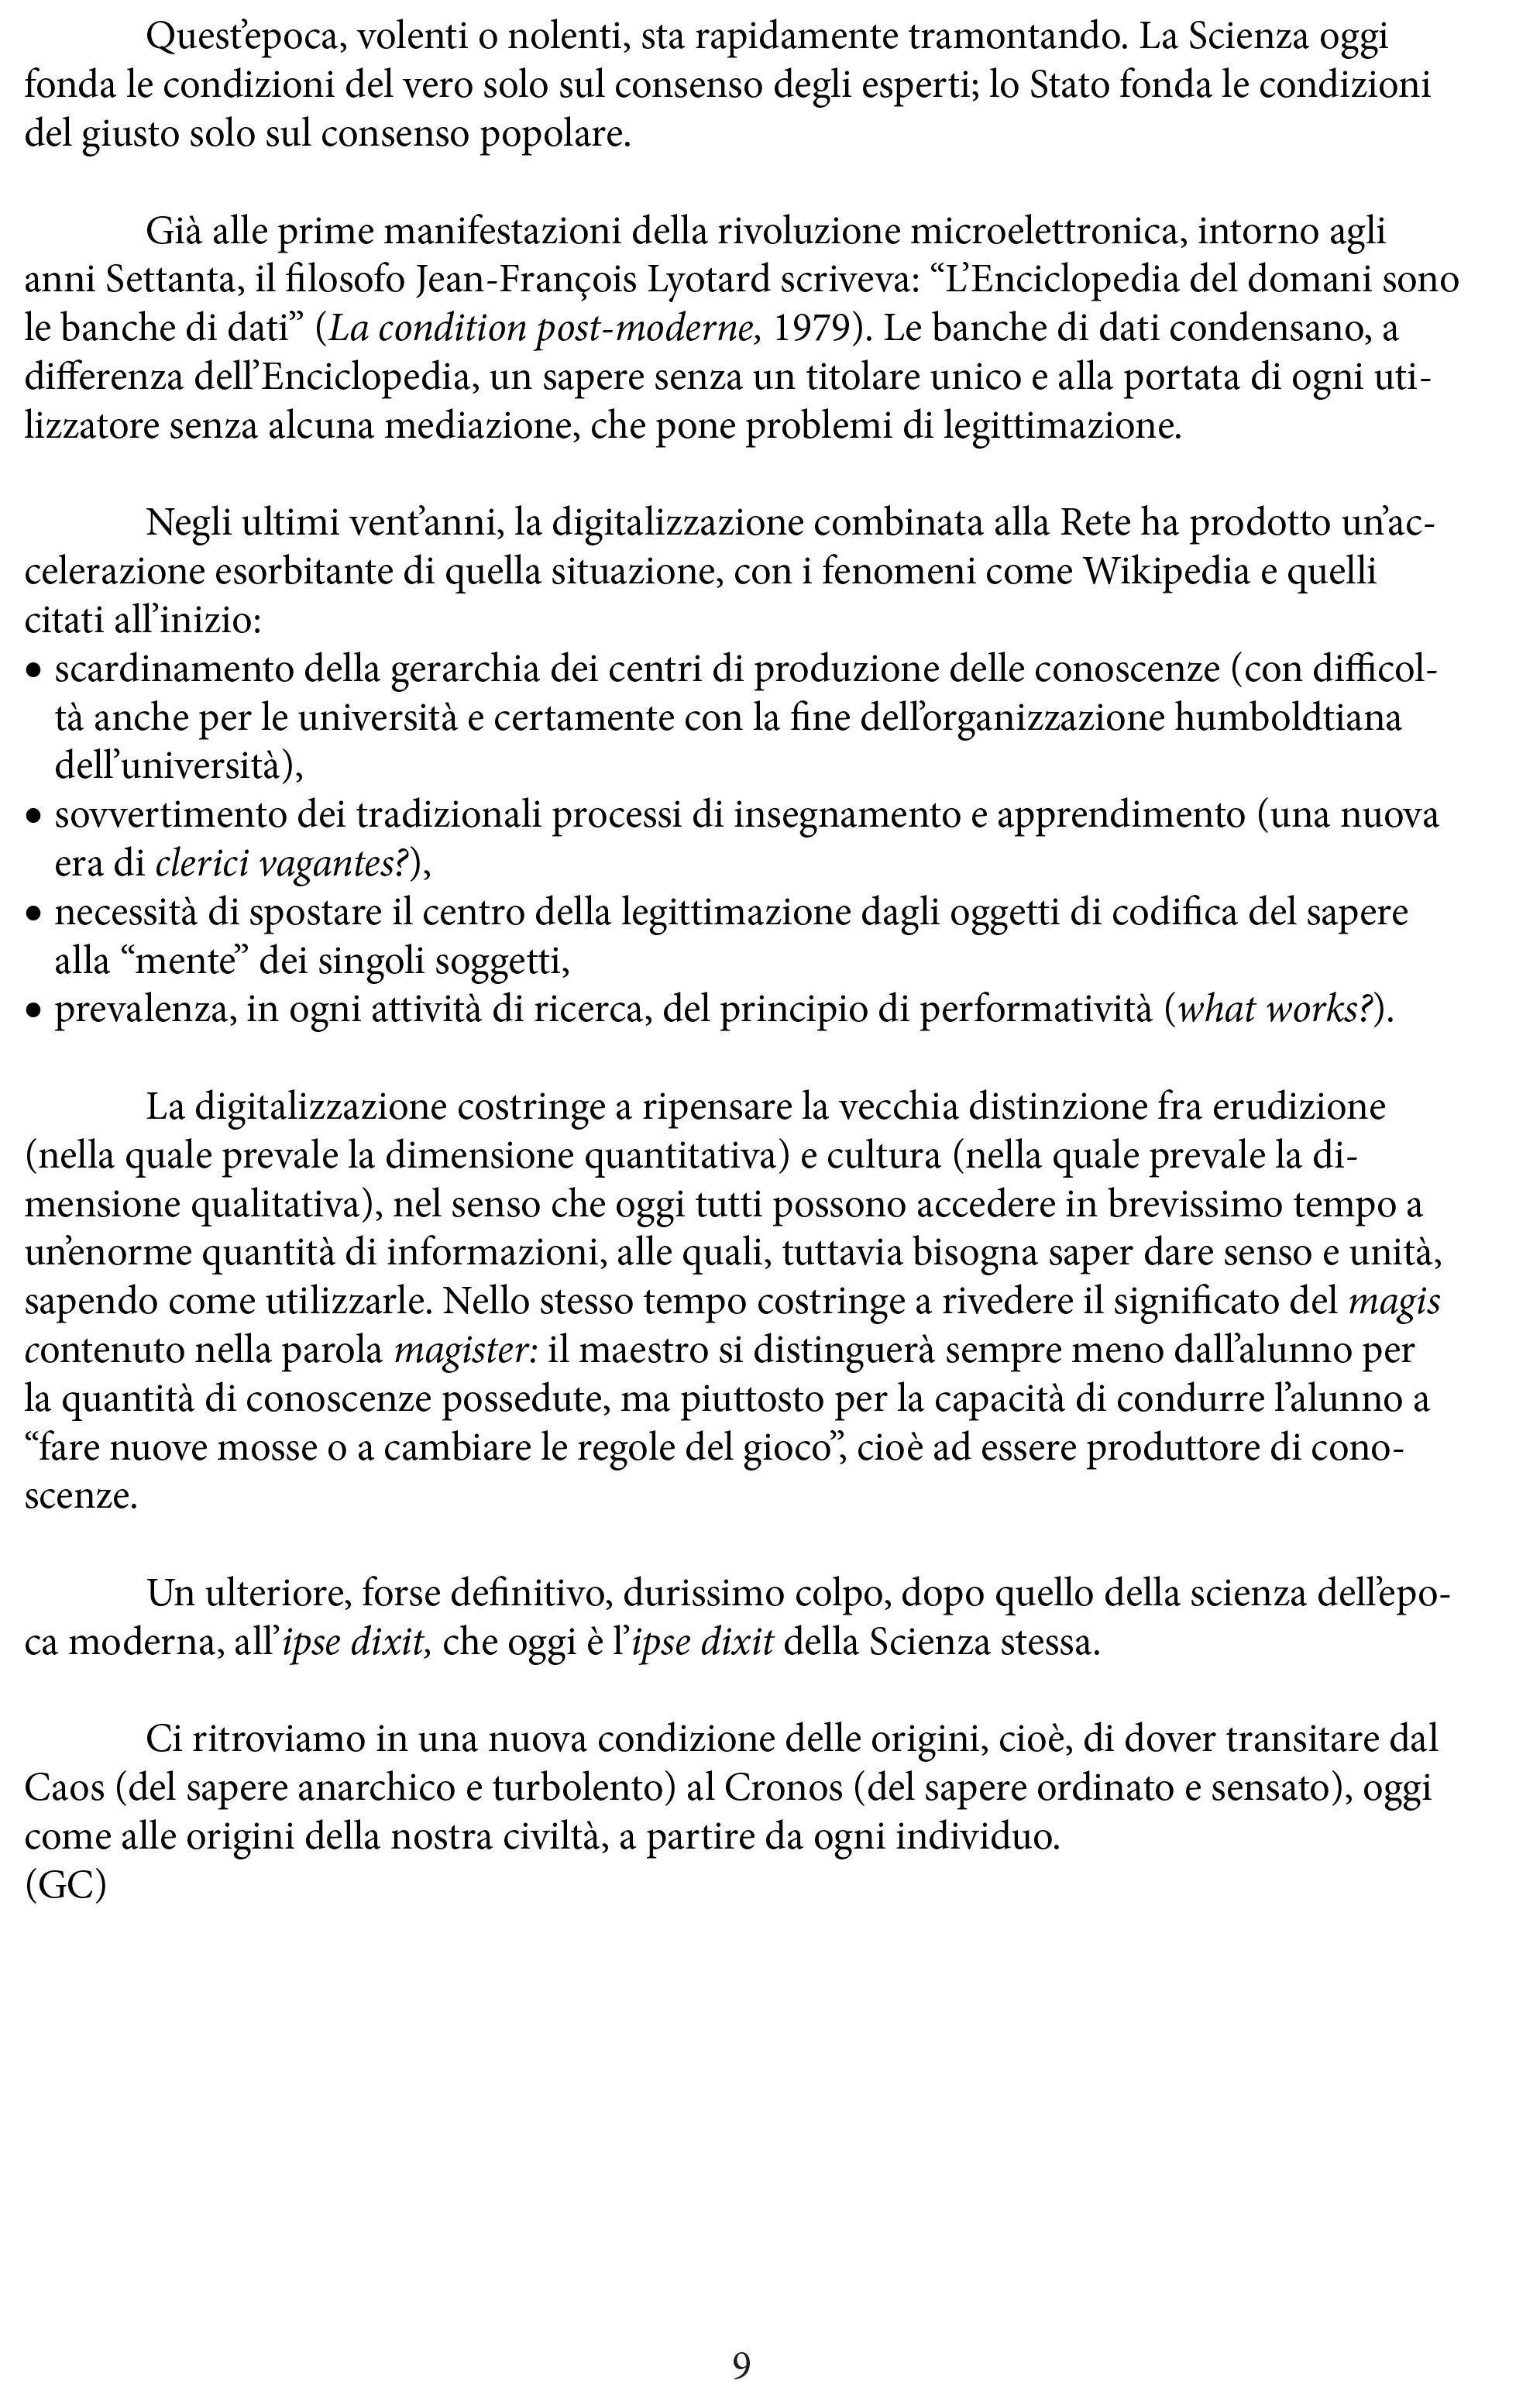 STUDIARE AL TEMPO DI INTERNET-9